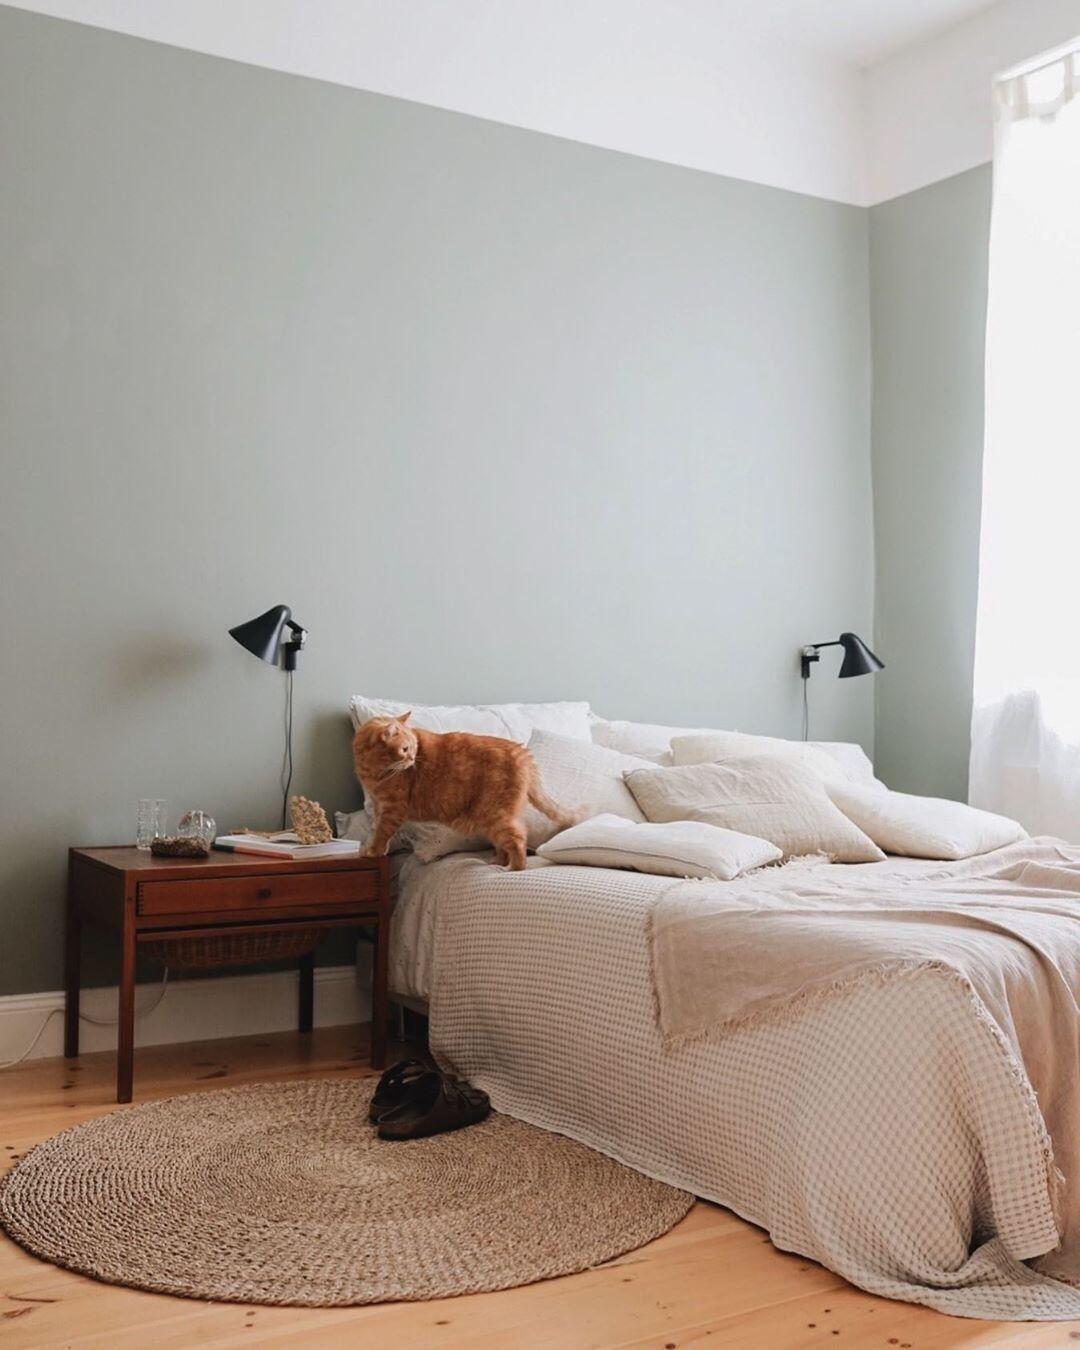 Wandfarbe Grun Die Besten Ideen Und Tipps Zum Streichen